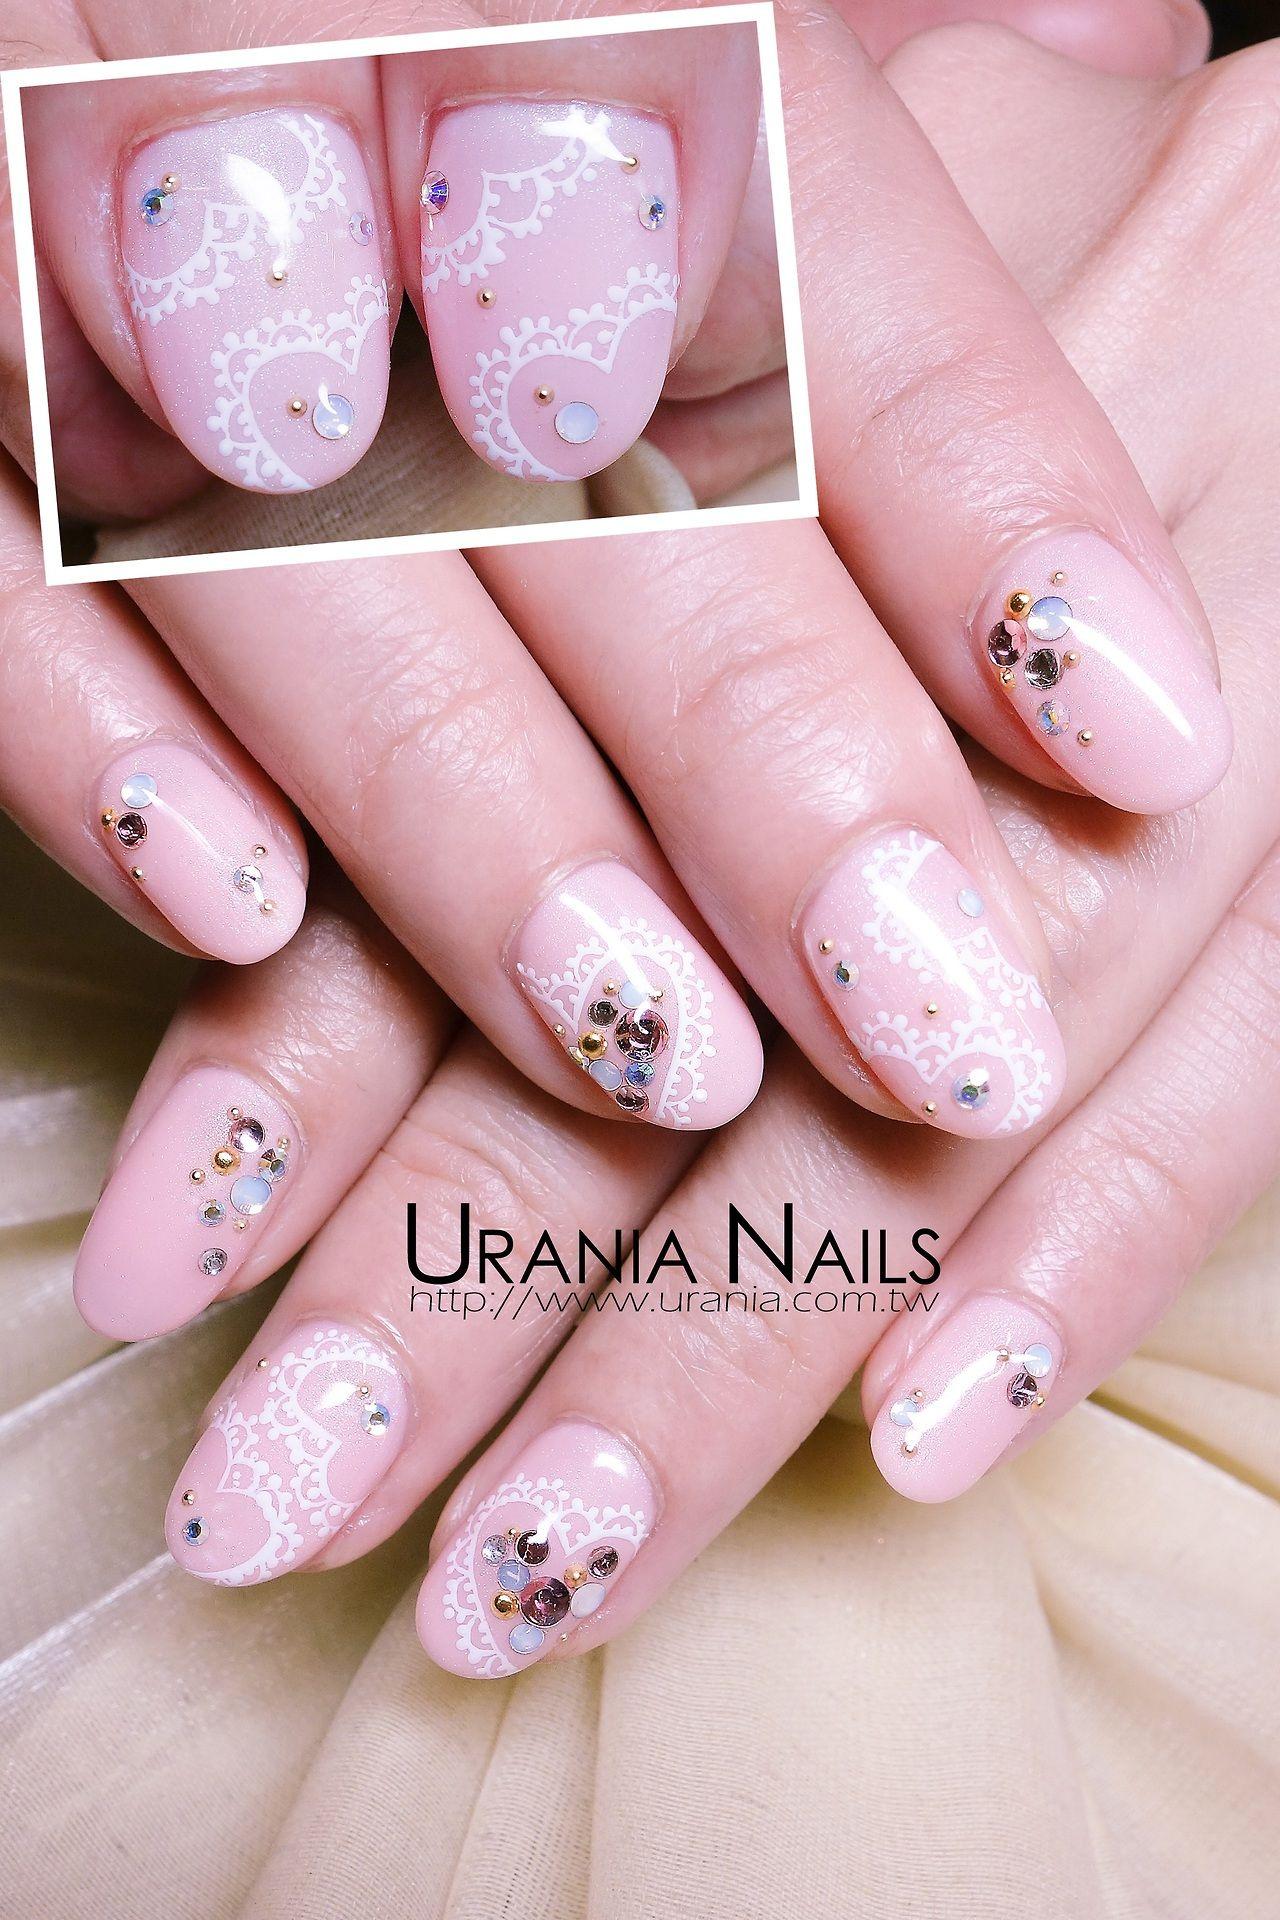 Urania Asia Nail Nails Nailart Nails Pinterest Nails Nail